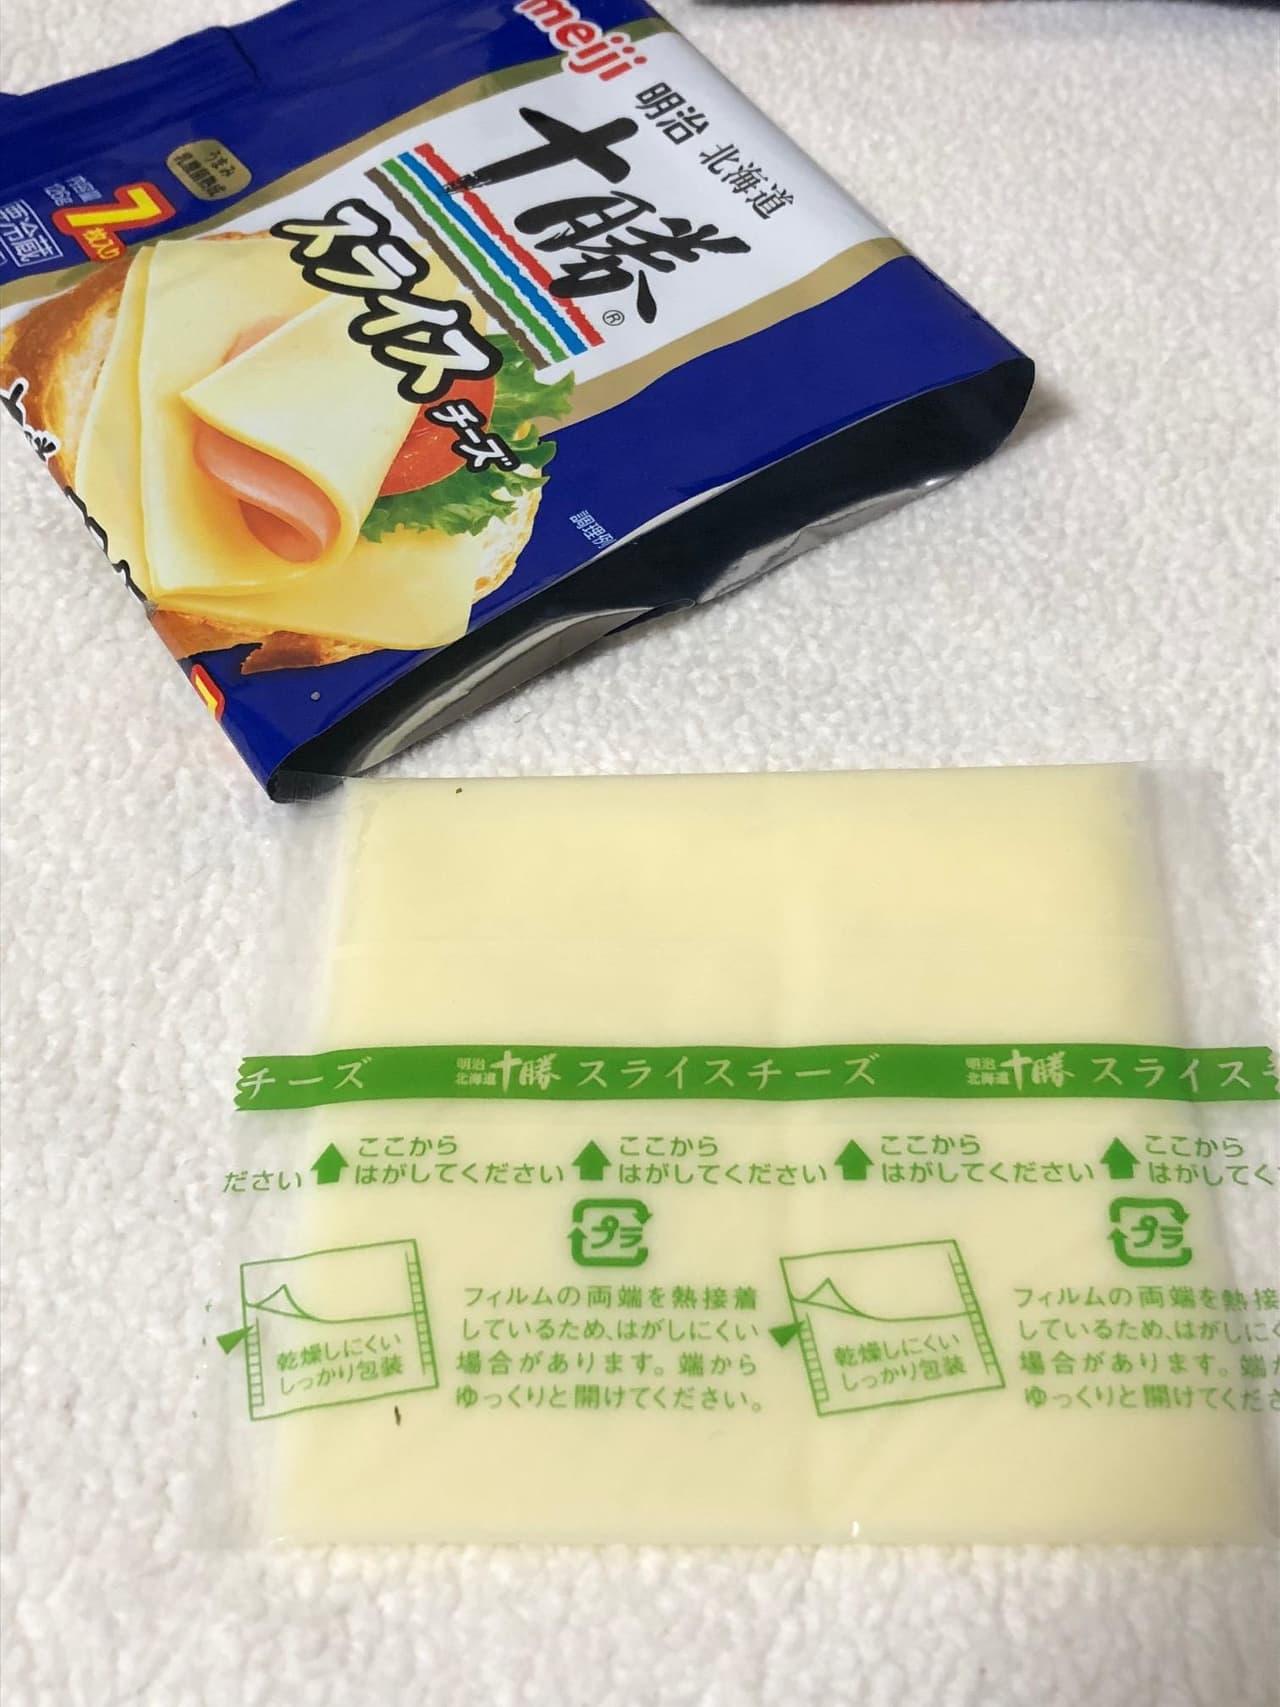 第5位 明治 明治北海道十勝スライスチーズ